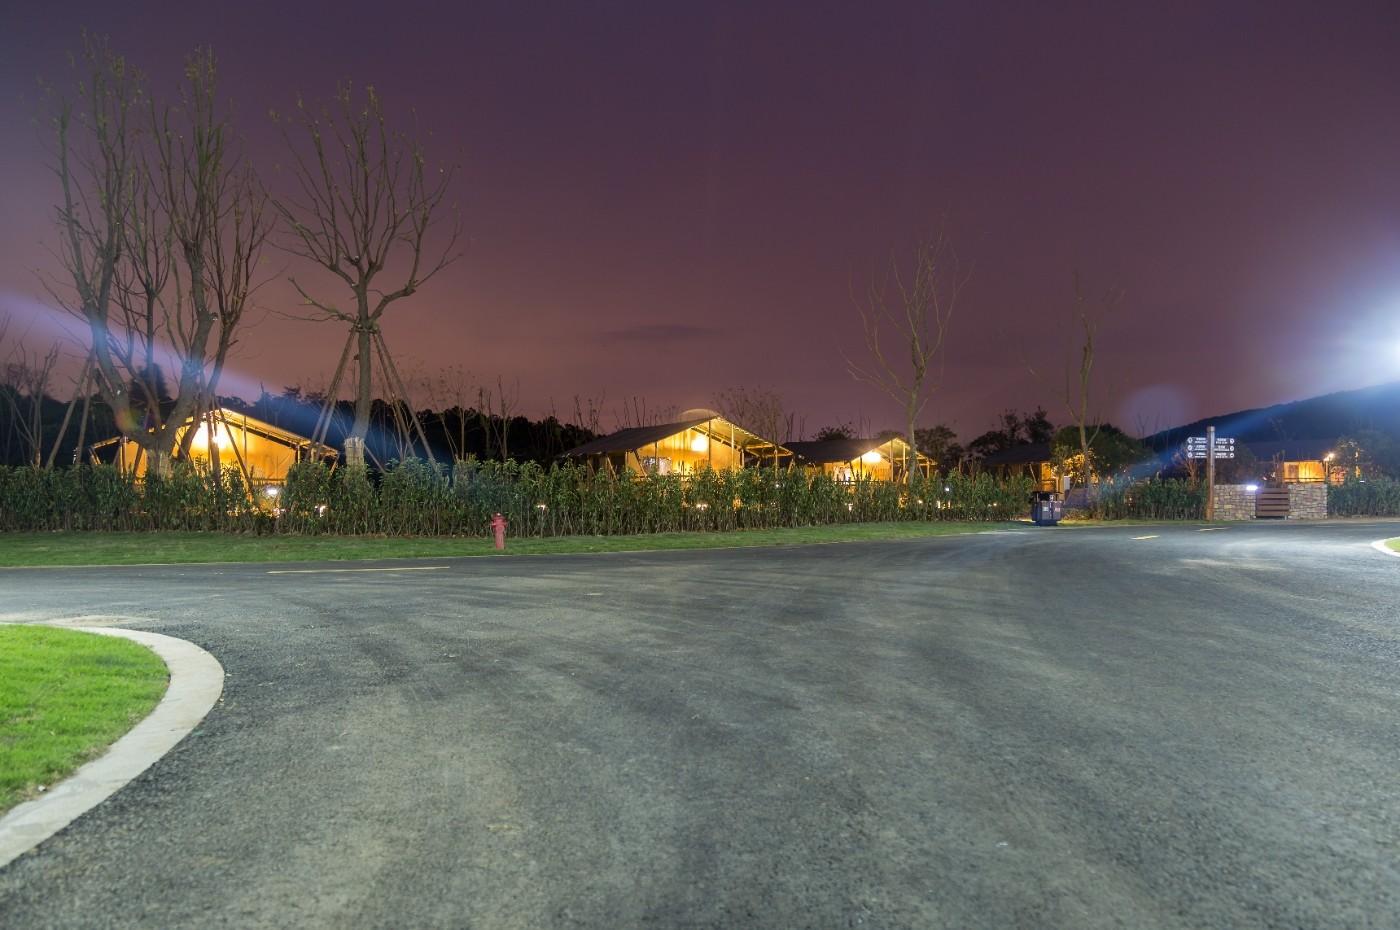 喜马拉雅野奢帐篷酒店—太湖湾露营谷1